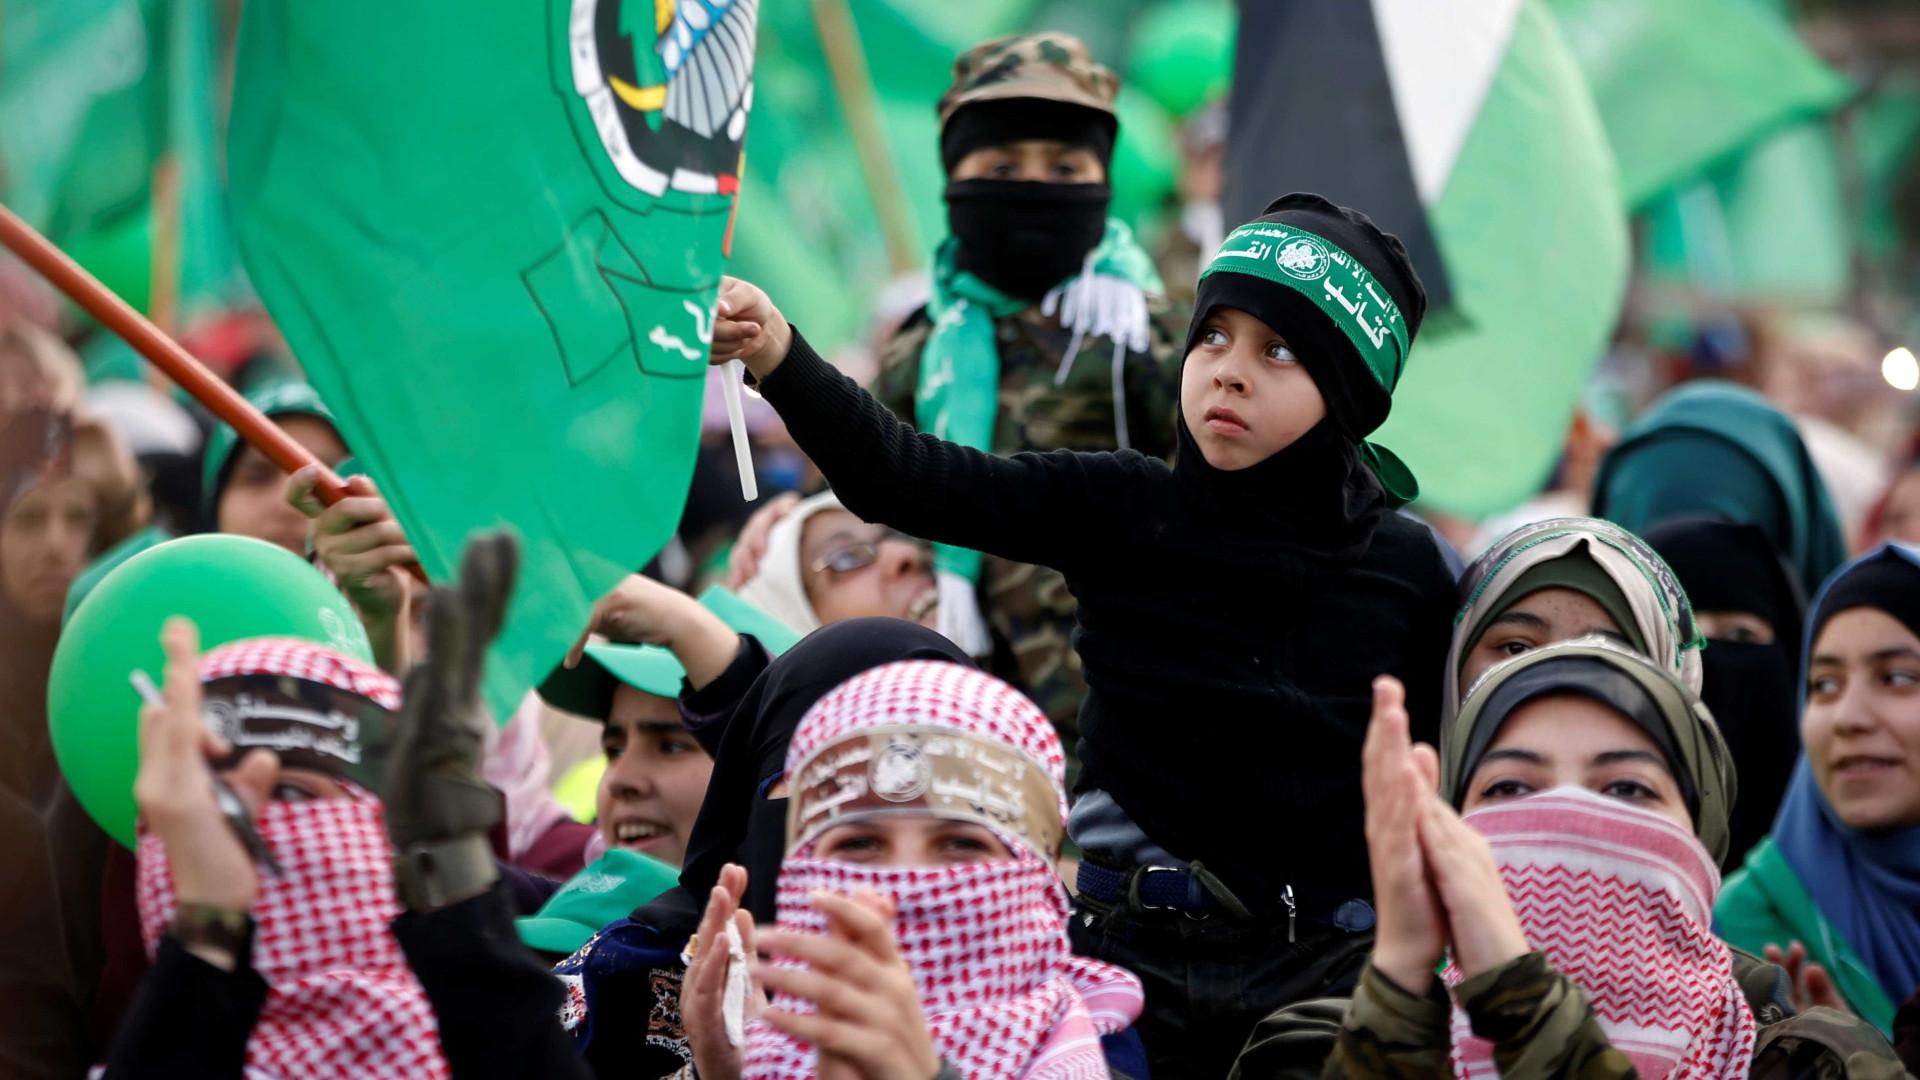 Jerusalém: Hamas recusa participar na reunião da OLP